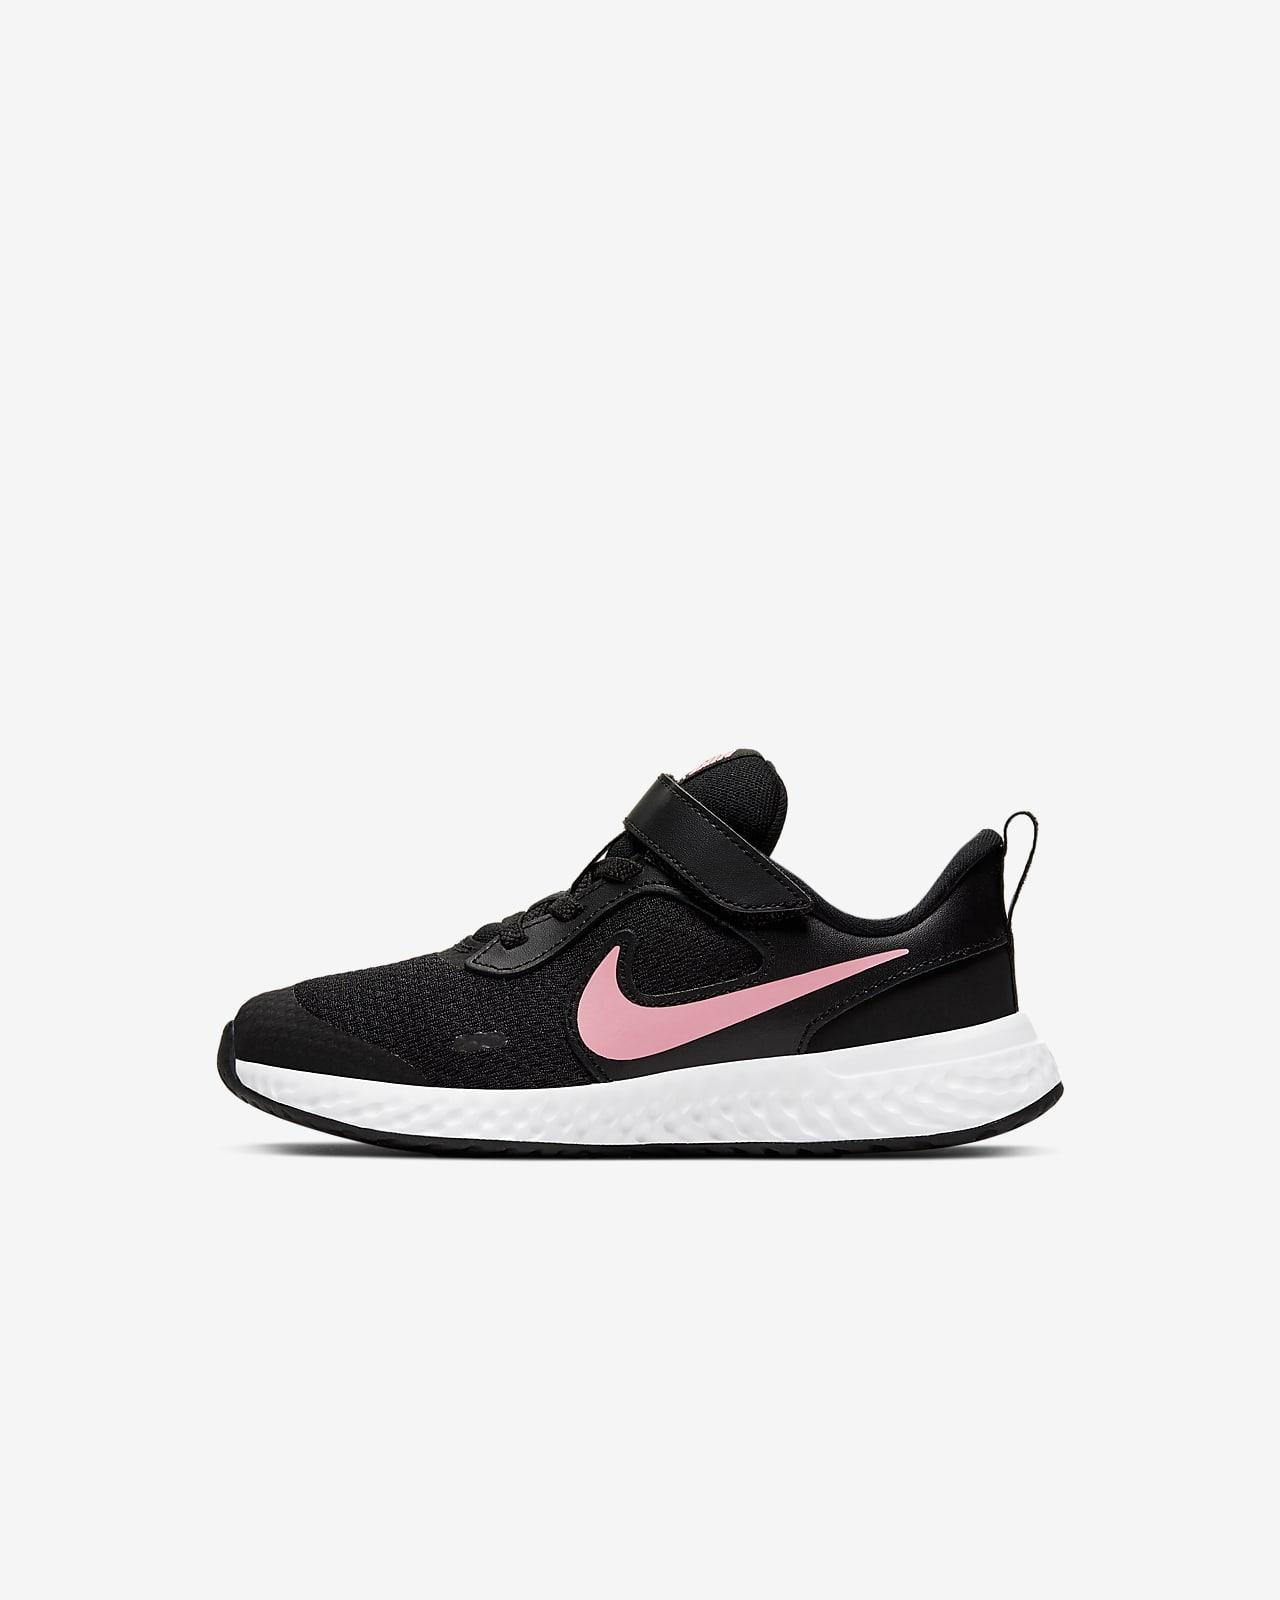 Sko Nike Revolution 5 för barn